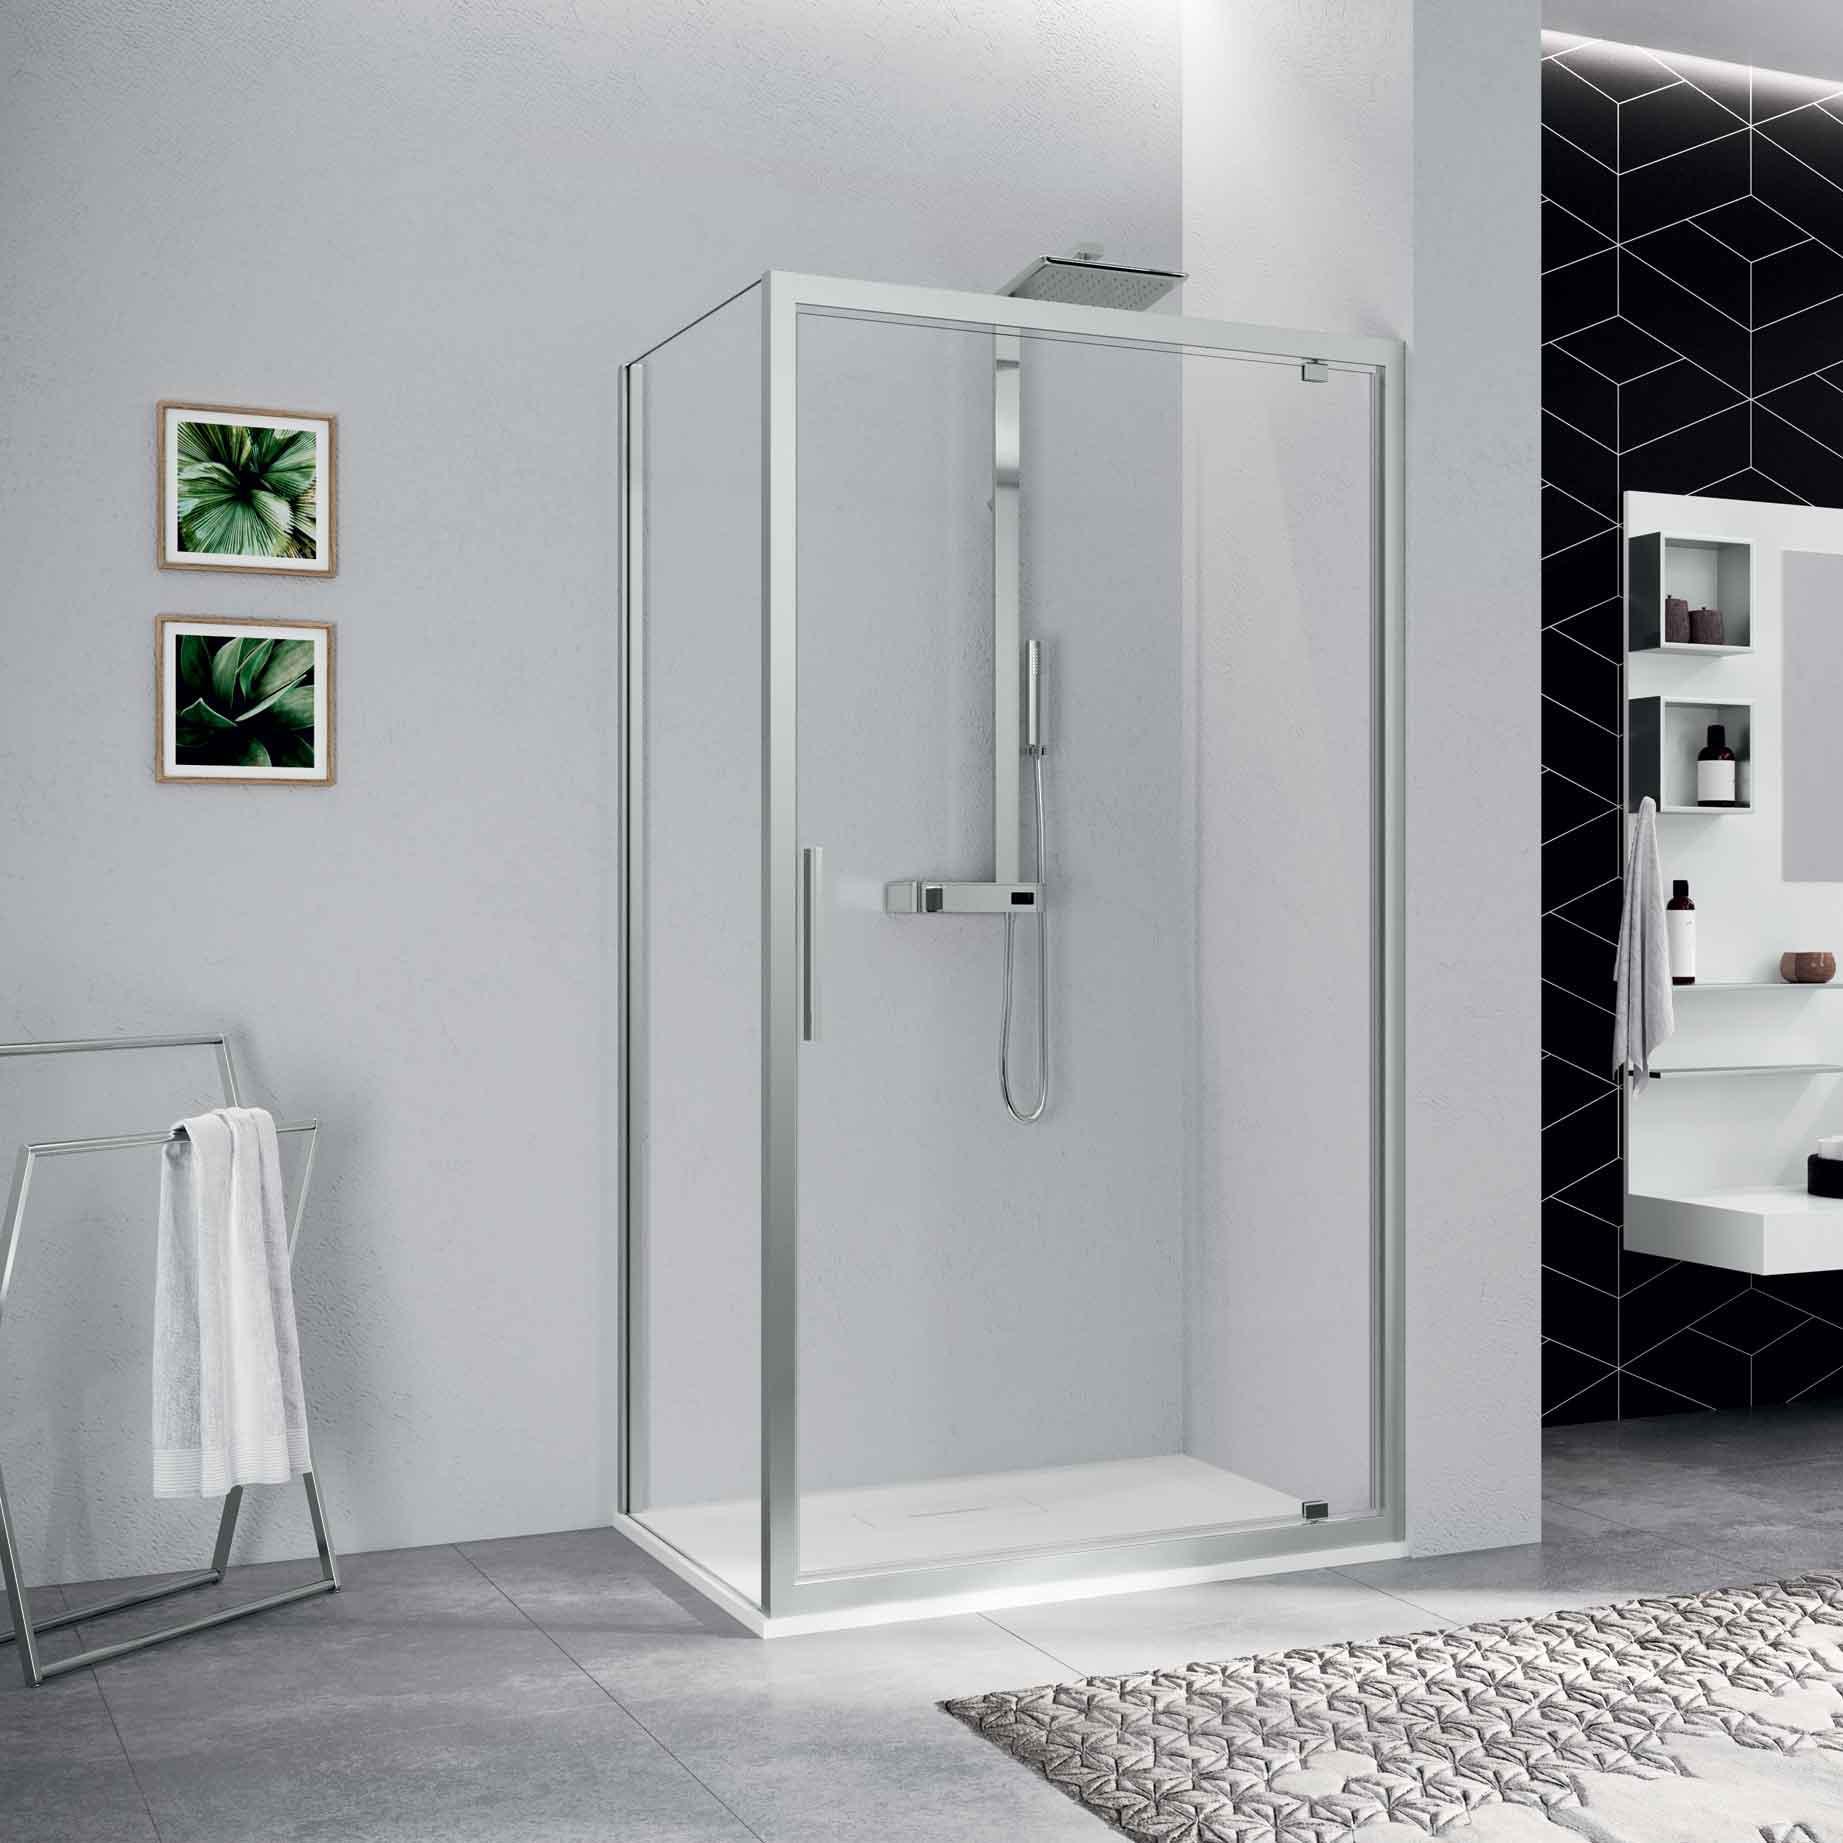 parois de douche novellini. Black Bedroom Furniture Sets. Home Design Ideas